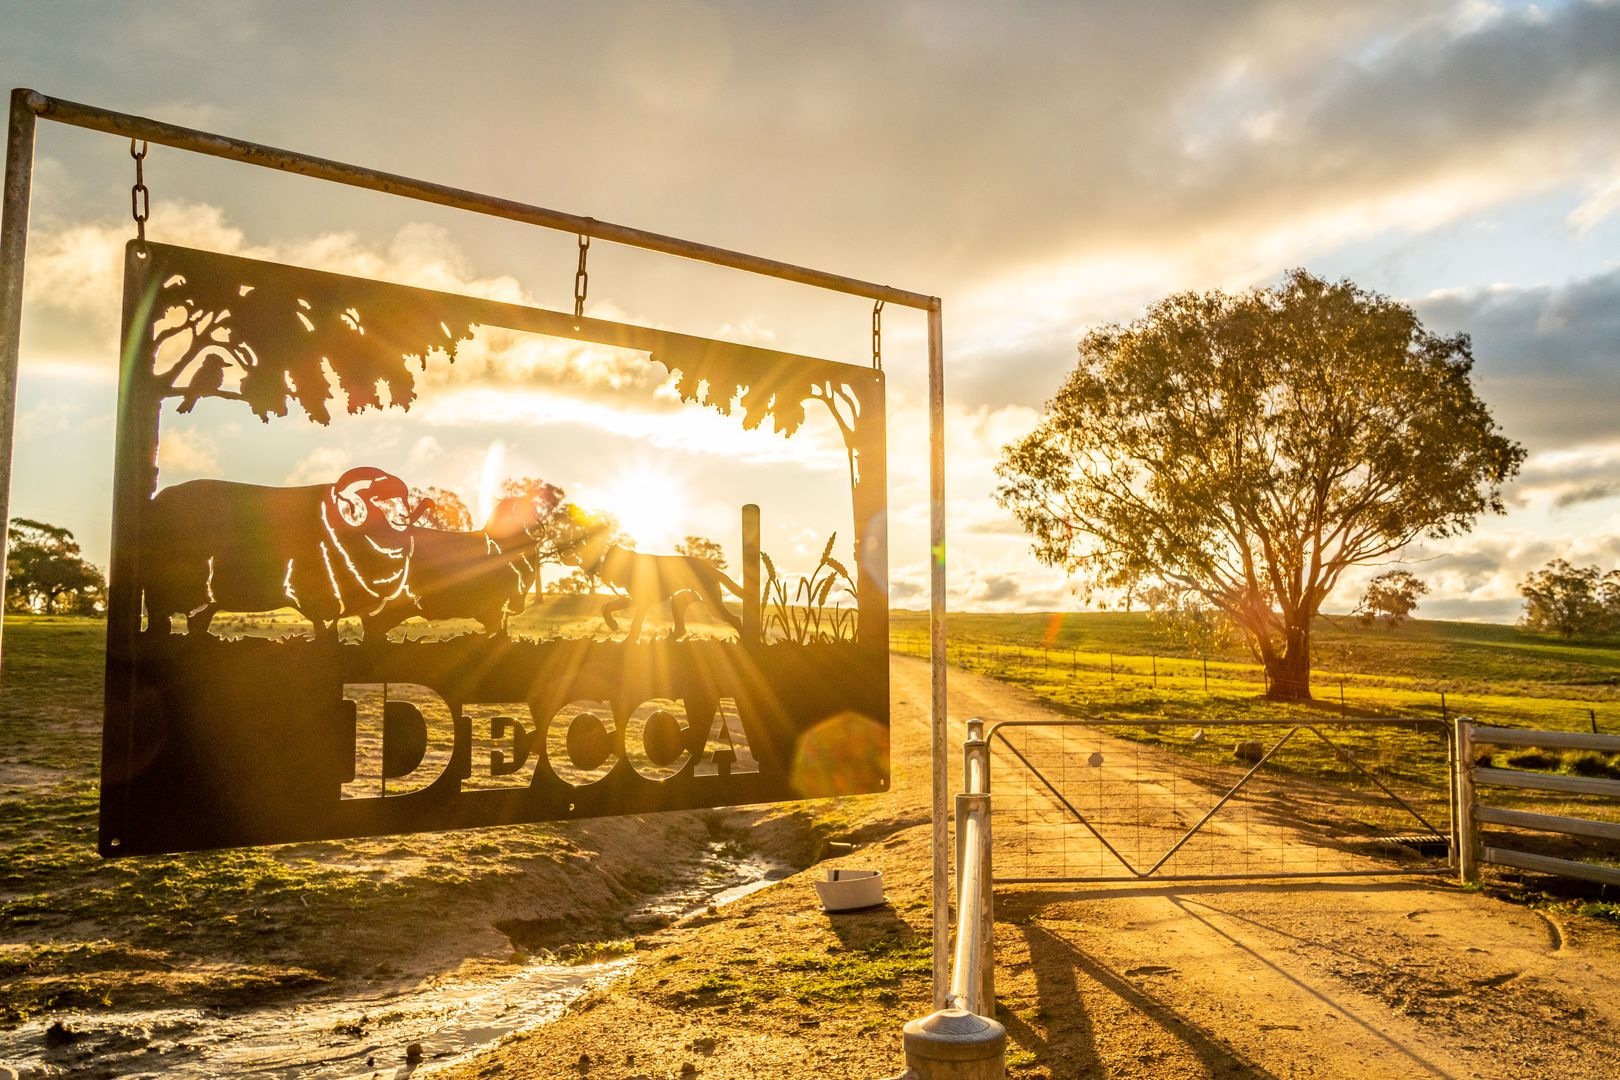 635 Decca Road, Bigga NSW 2583, Image 2